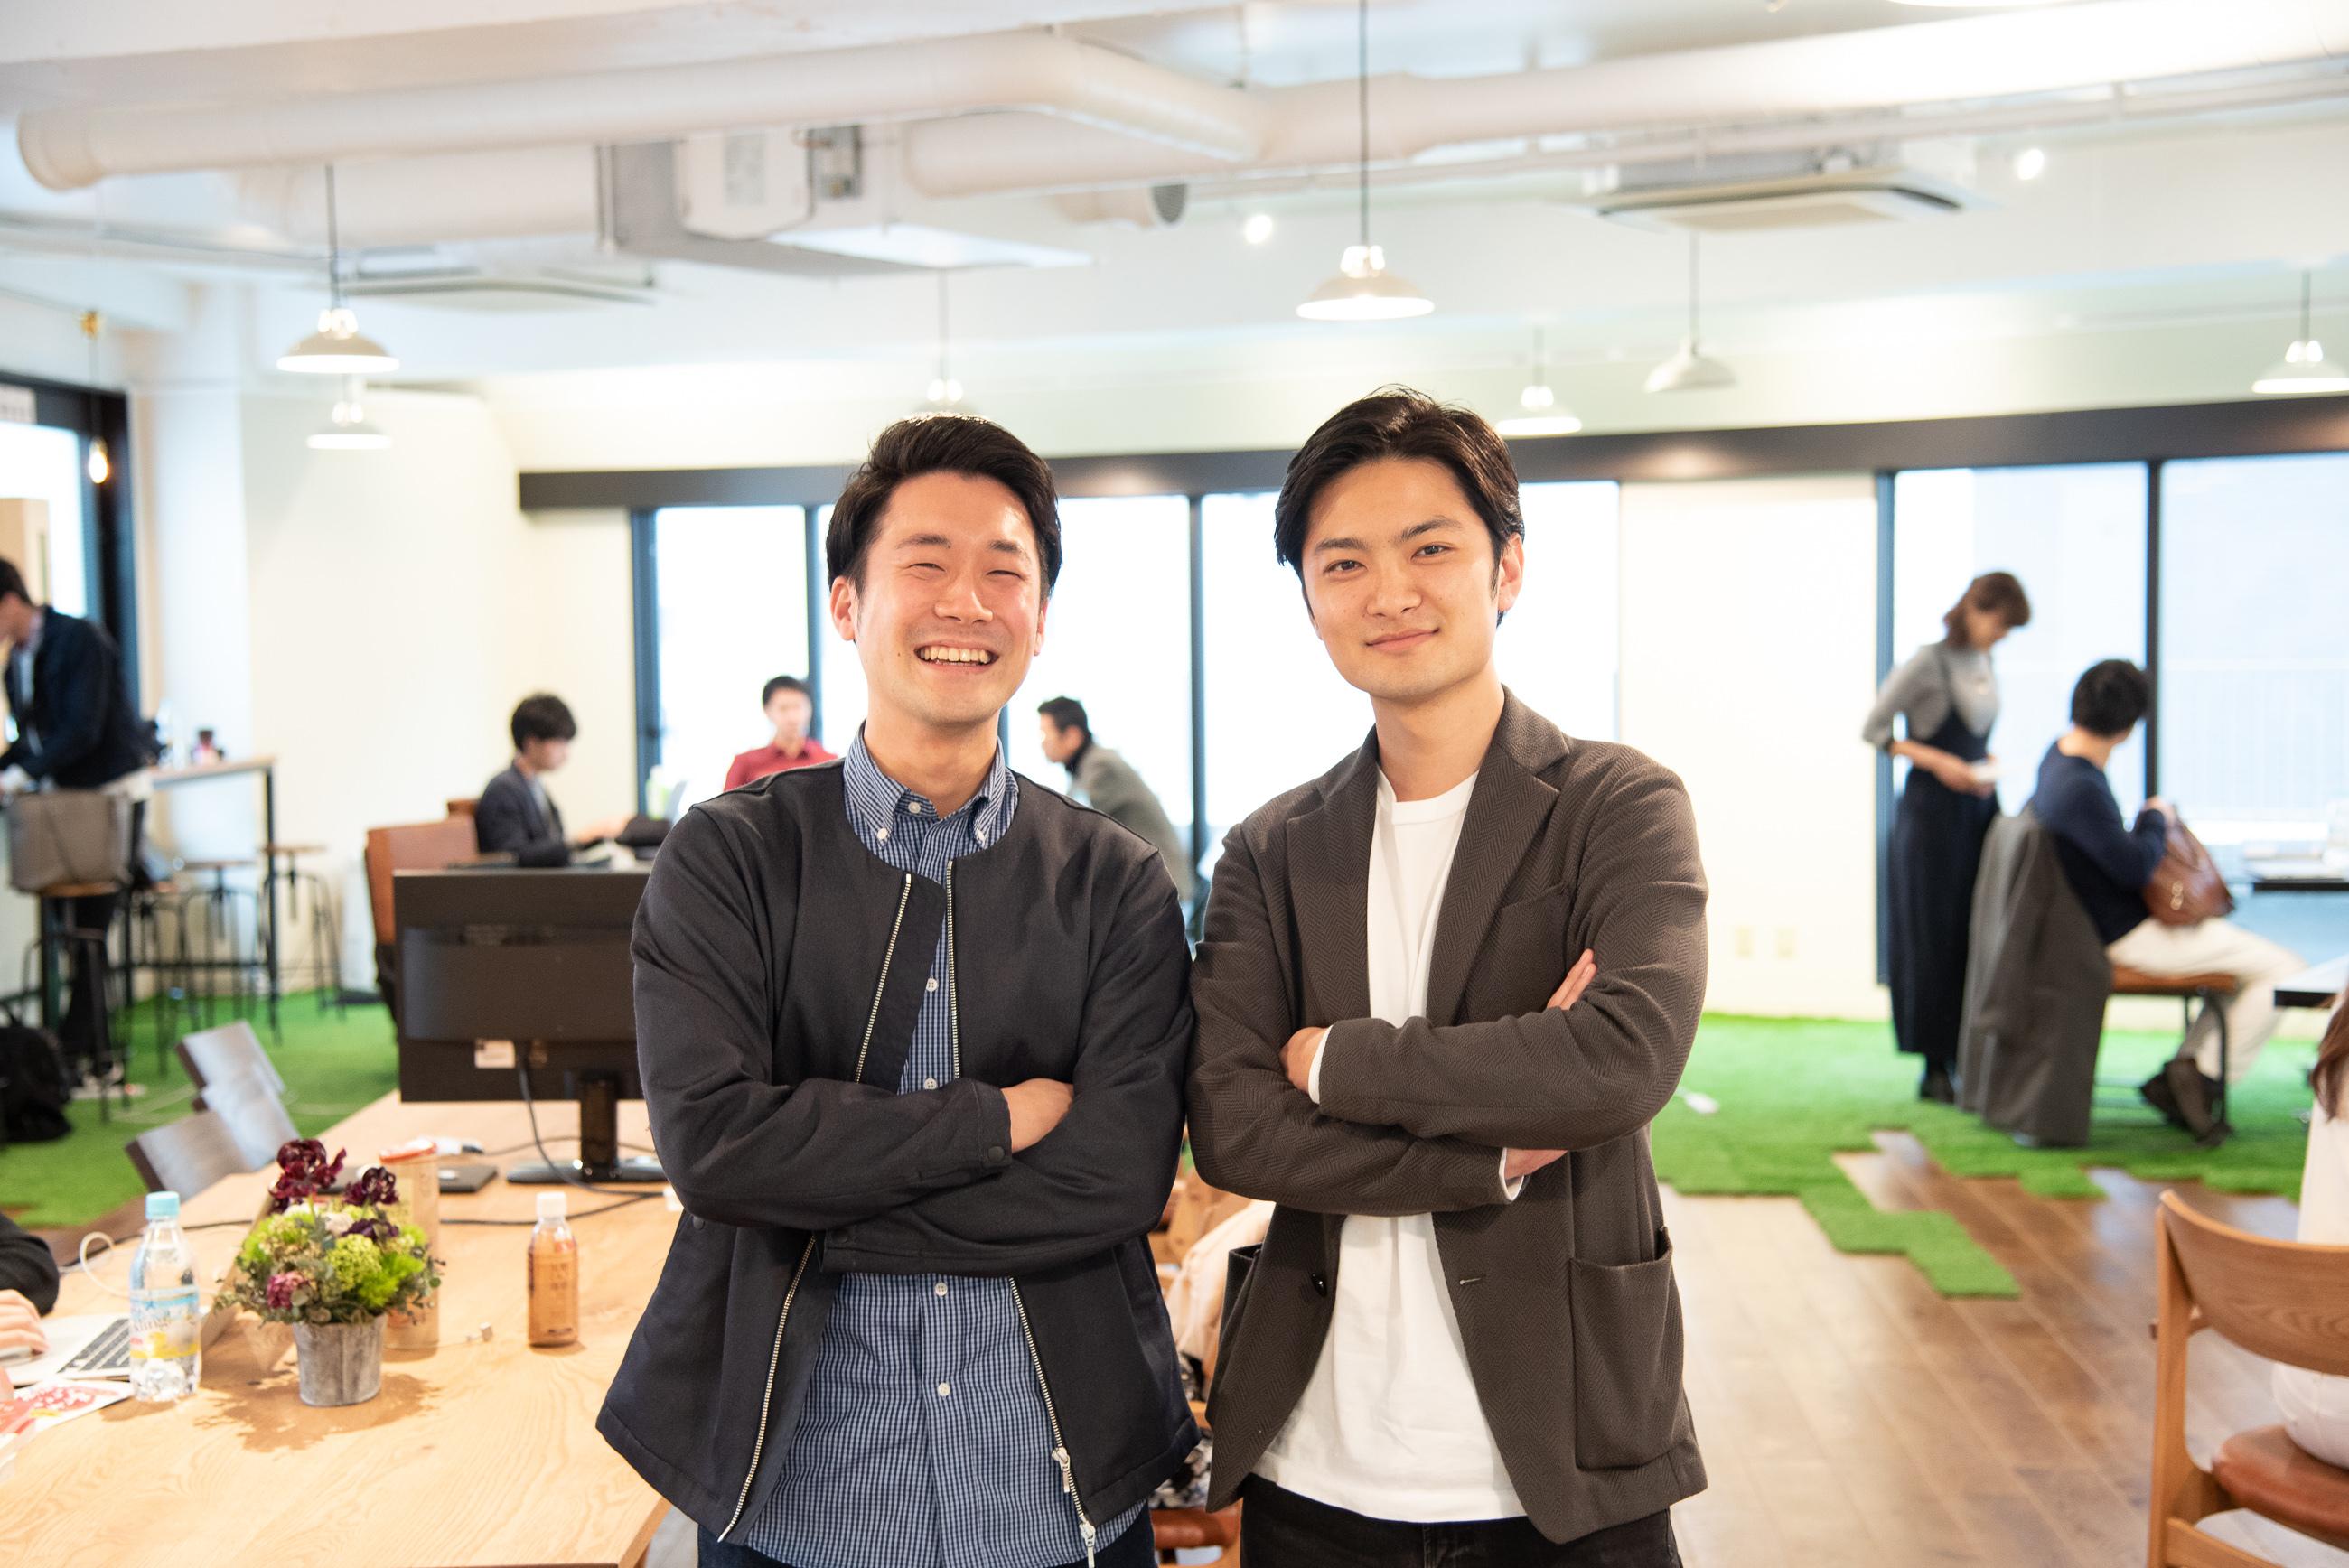 【ライター兼メディア編集長】前期5倍成長!日本最大級1on1プログラミングスクールでWEBライターになりませんか?